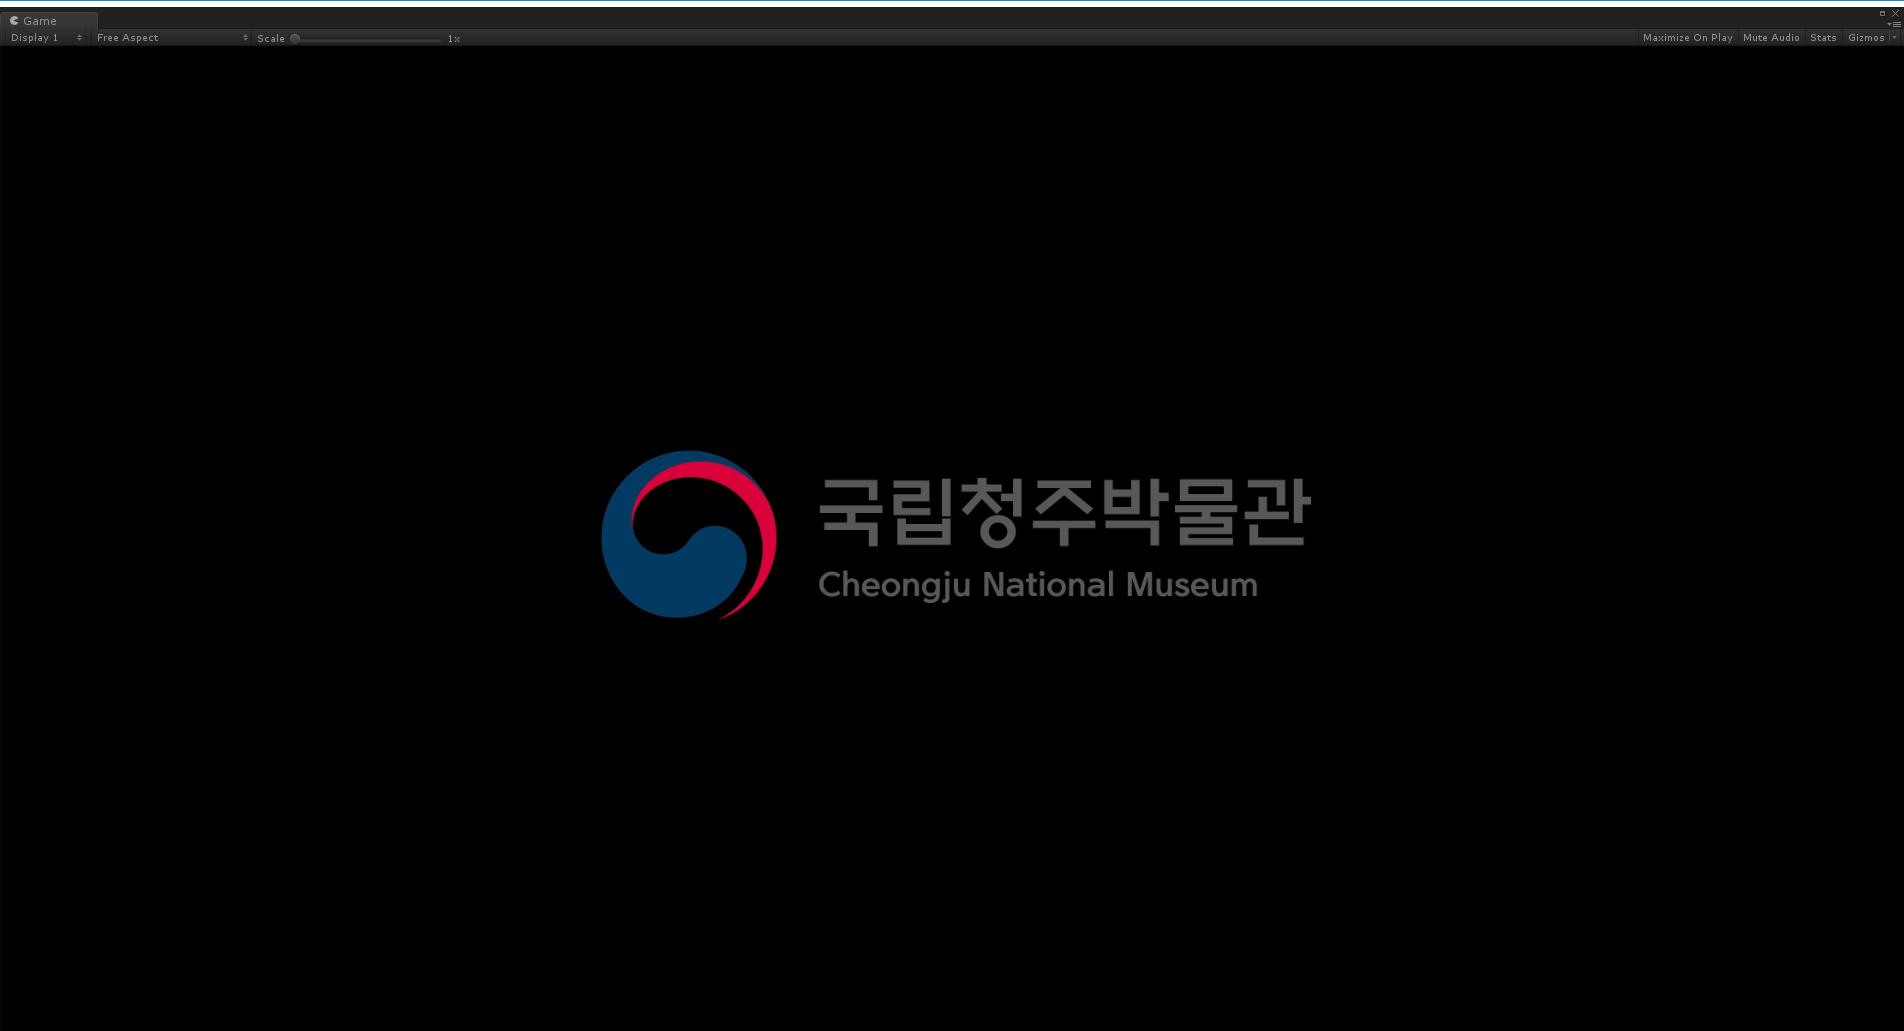 기존 국립중앙박물관 어플리케이션에 AR 콘텐츠 추가 개발 + 국립청주박물관 안내 태블릿 VR 콘텐츠 개발